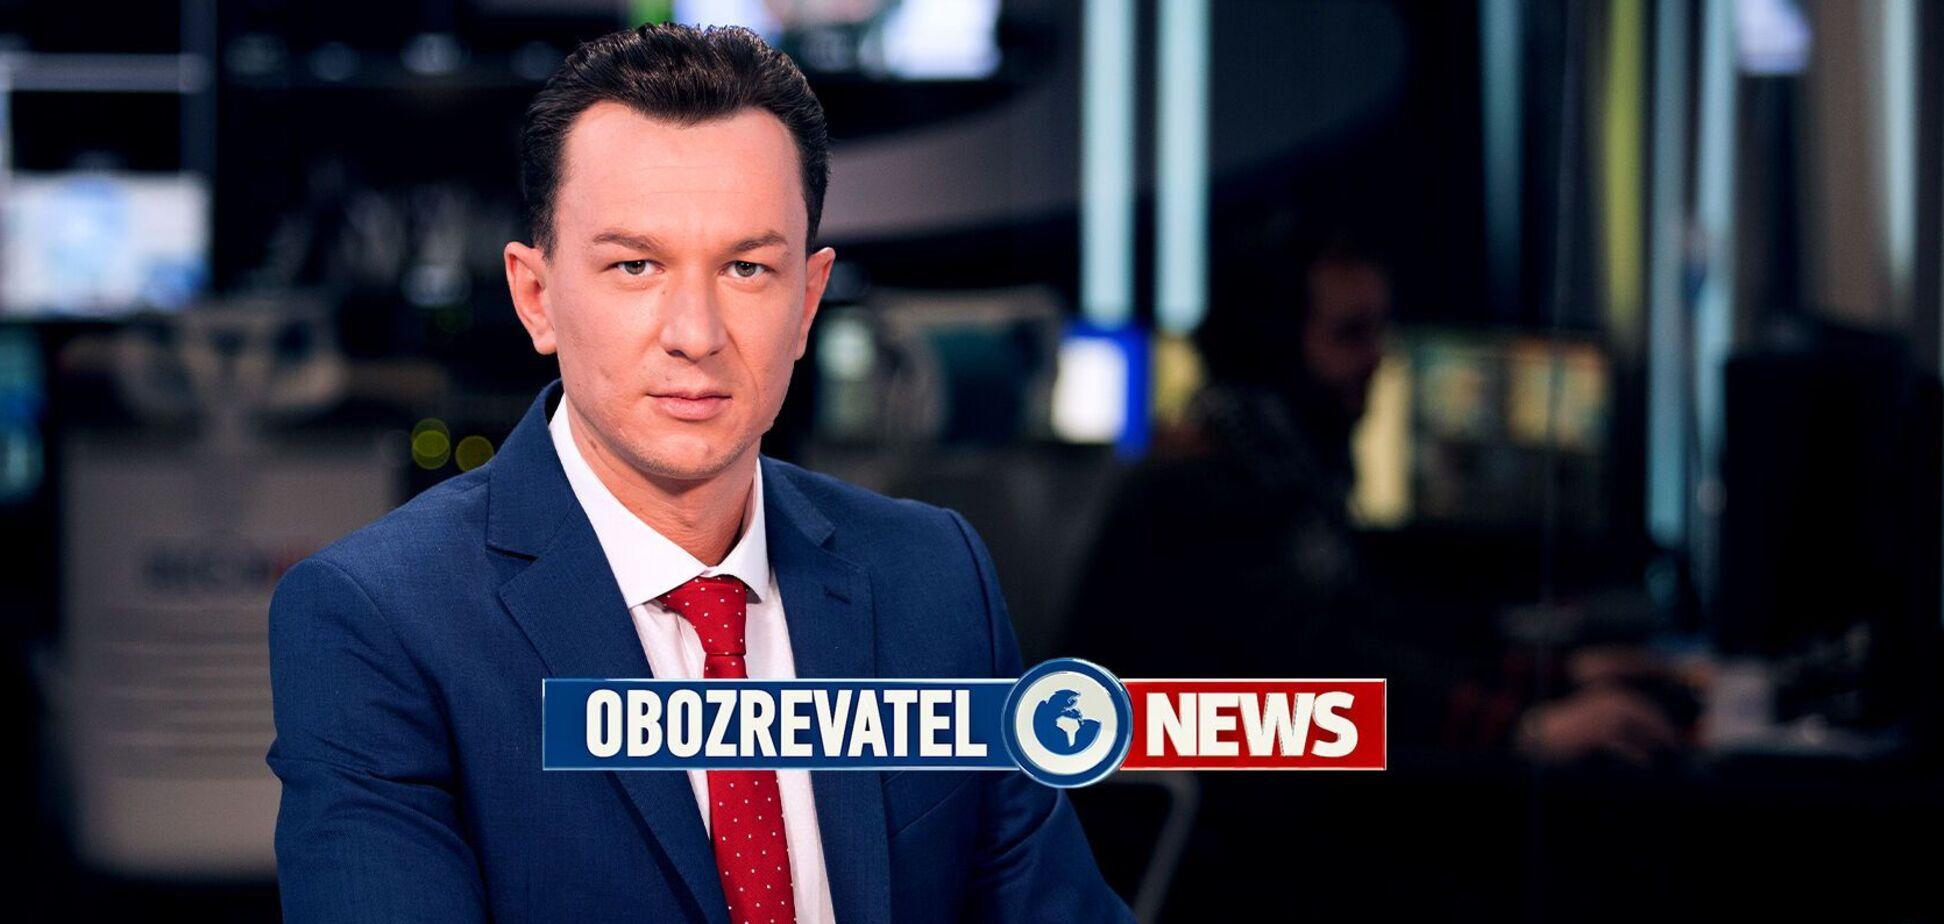 Ковидные паспорта; Россия закрыла небо; Об олигархах спросят у людей – основные темы утреннего обзора новостей